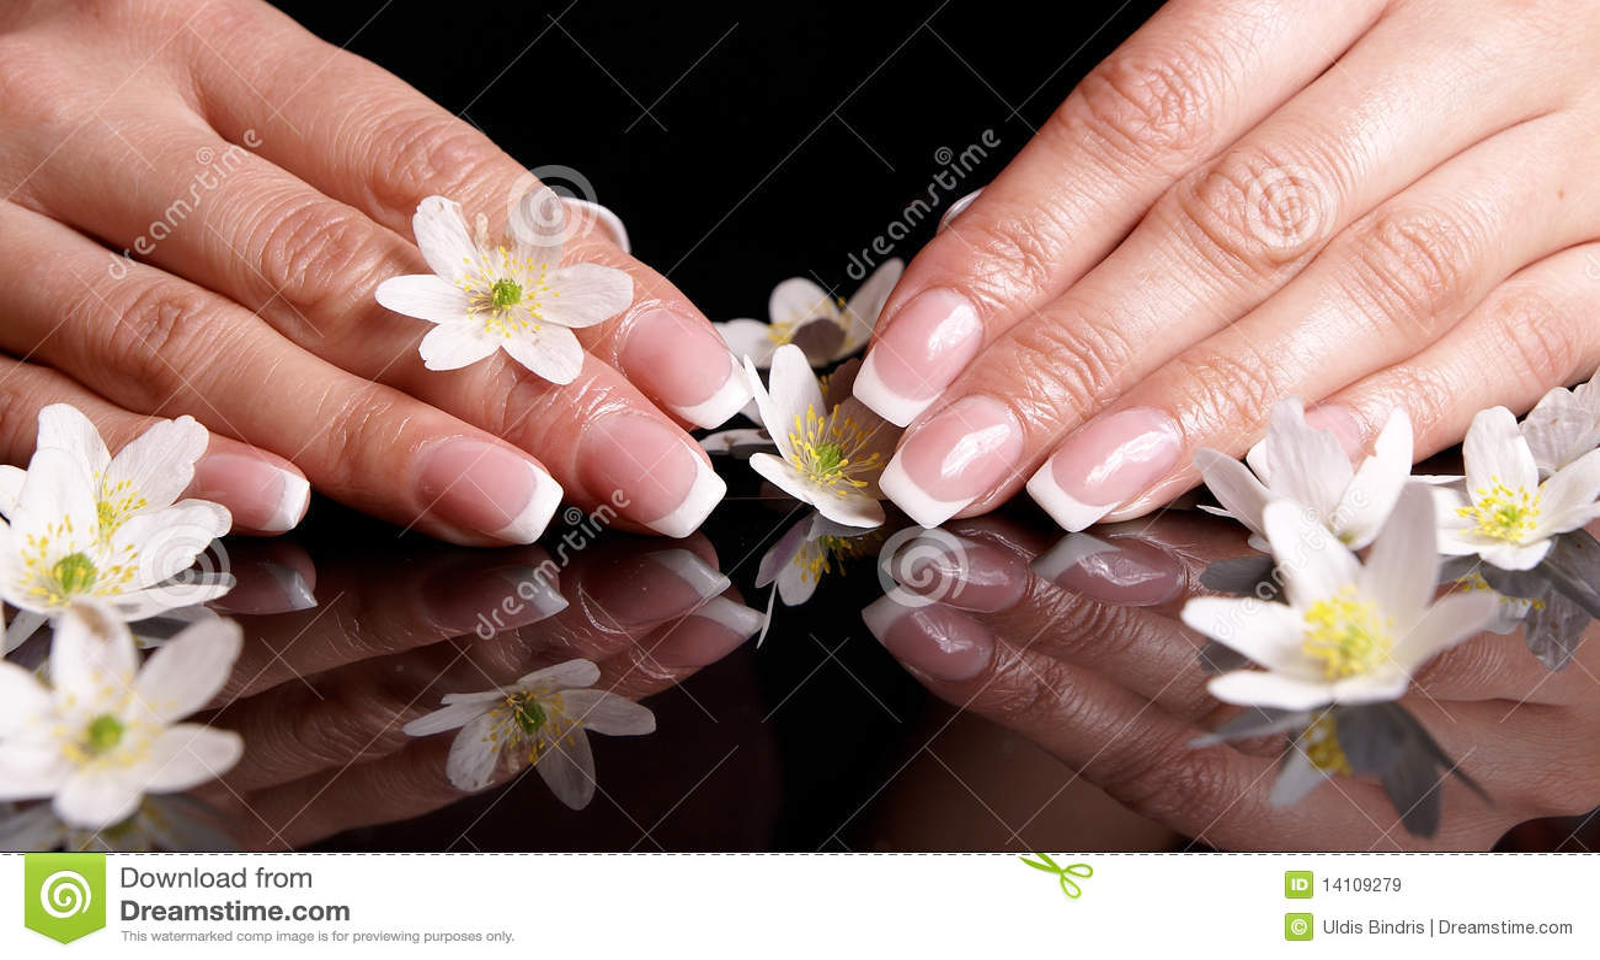 Nail Art Royalty Free Stock Images  Image 14109279